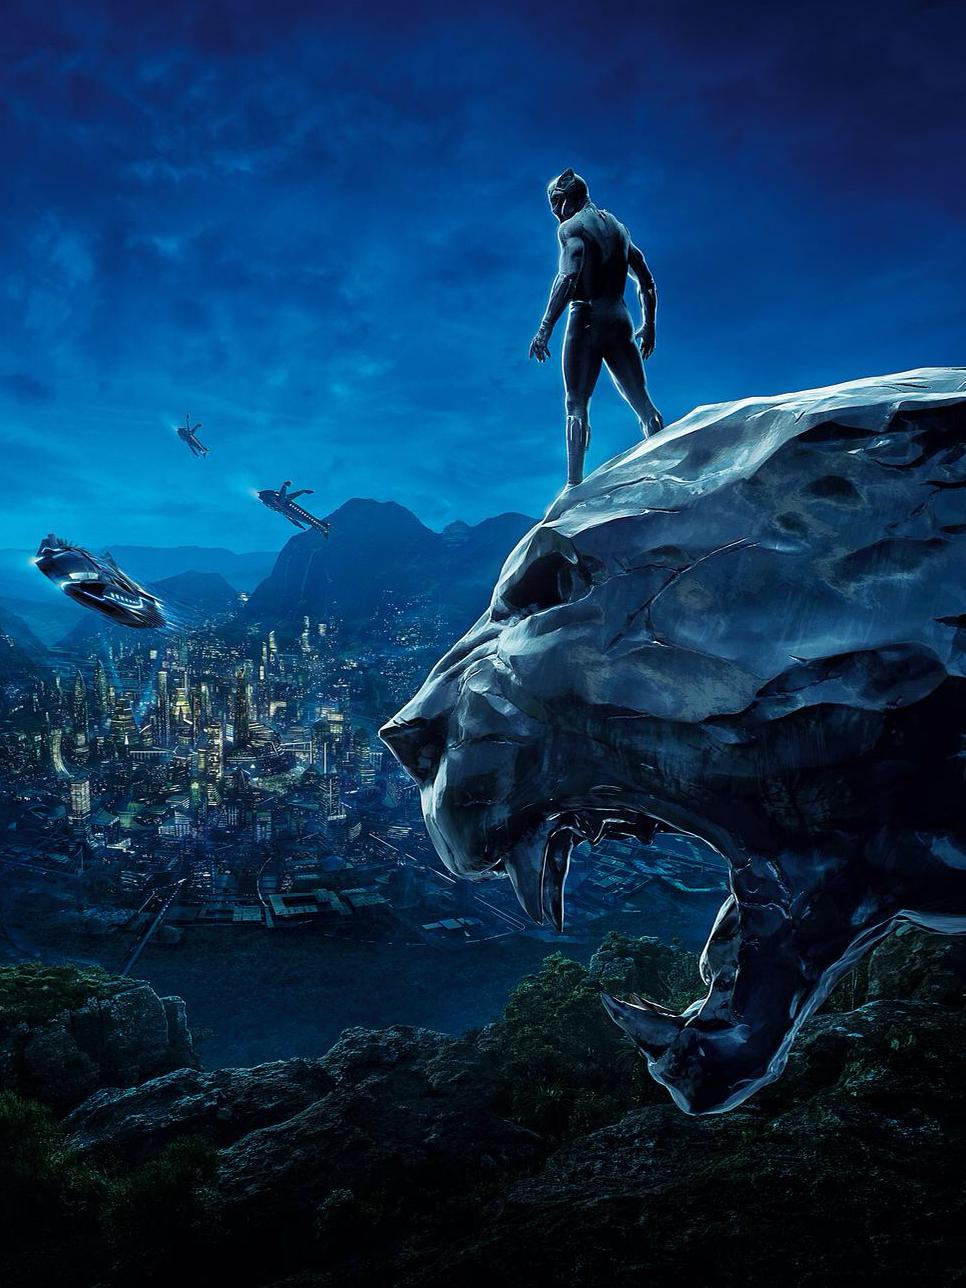 《黑豹2》定档,2022年5月6日于北美上映